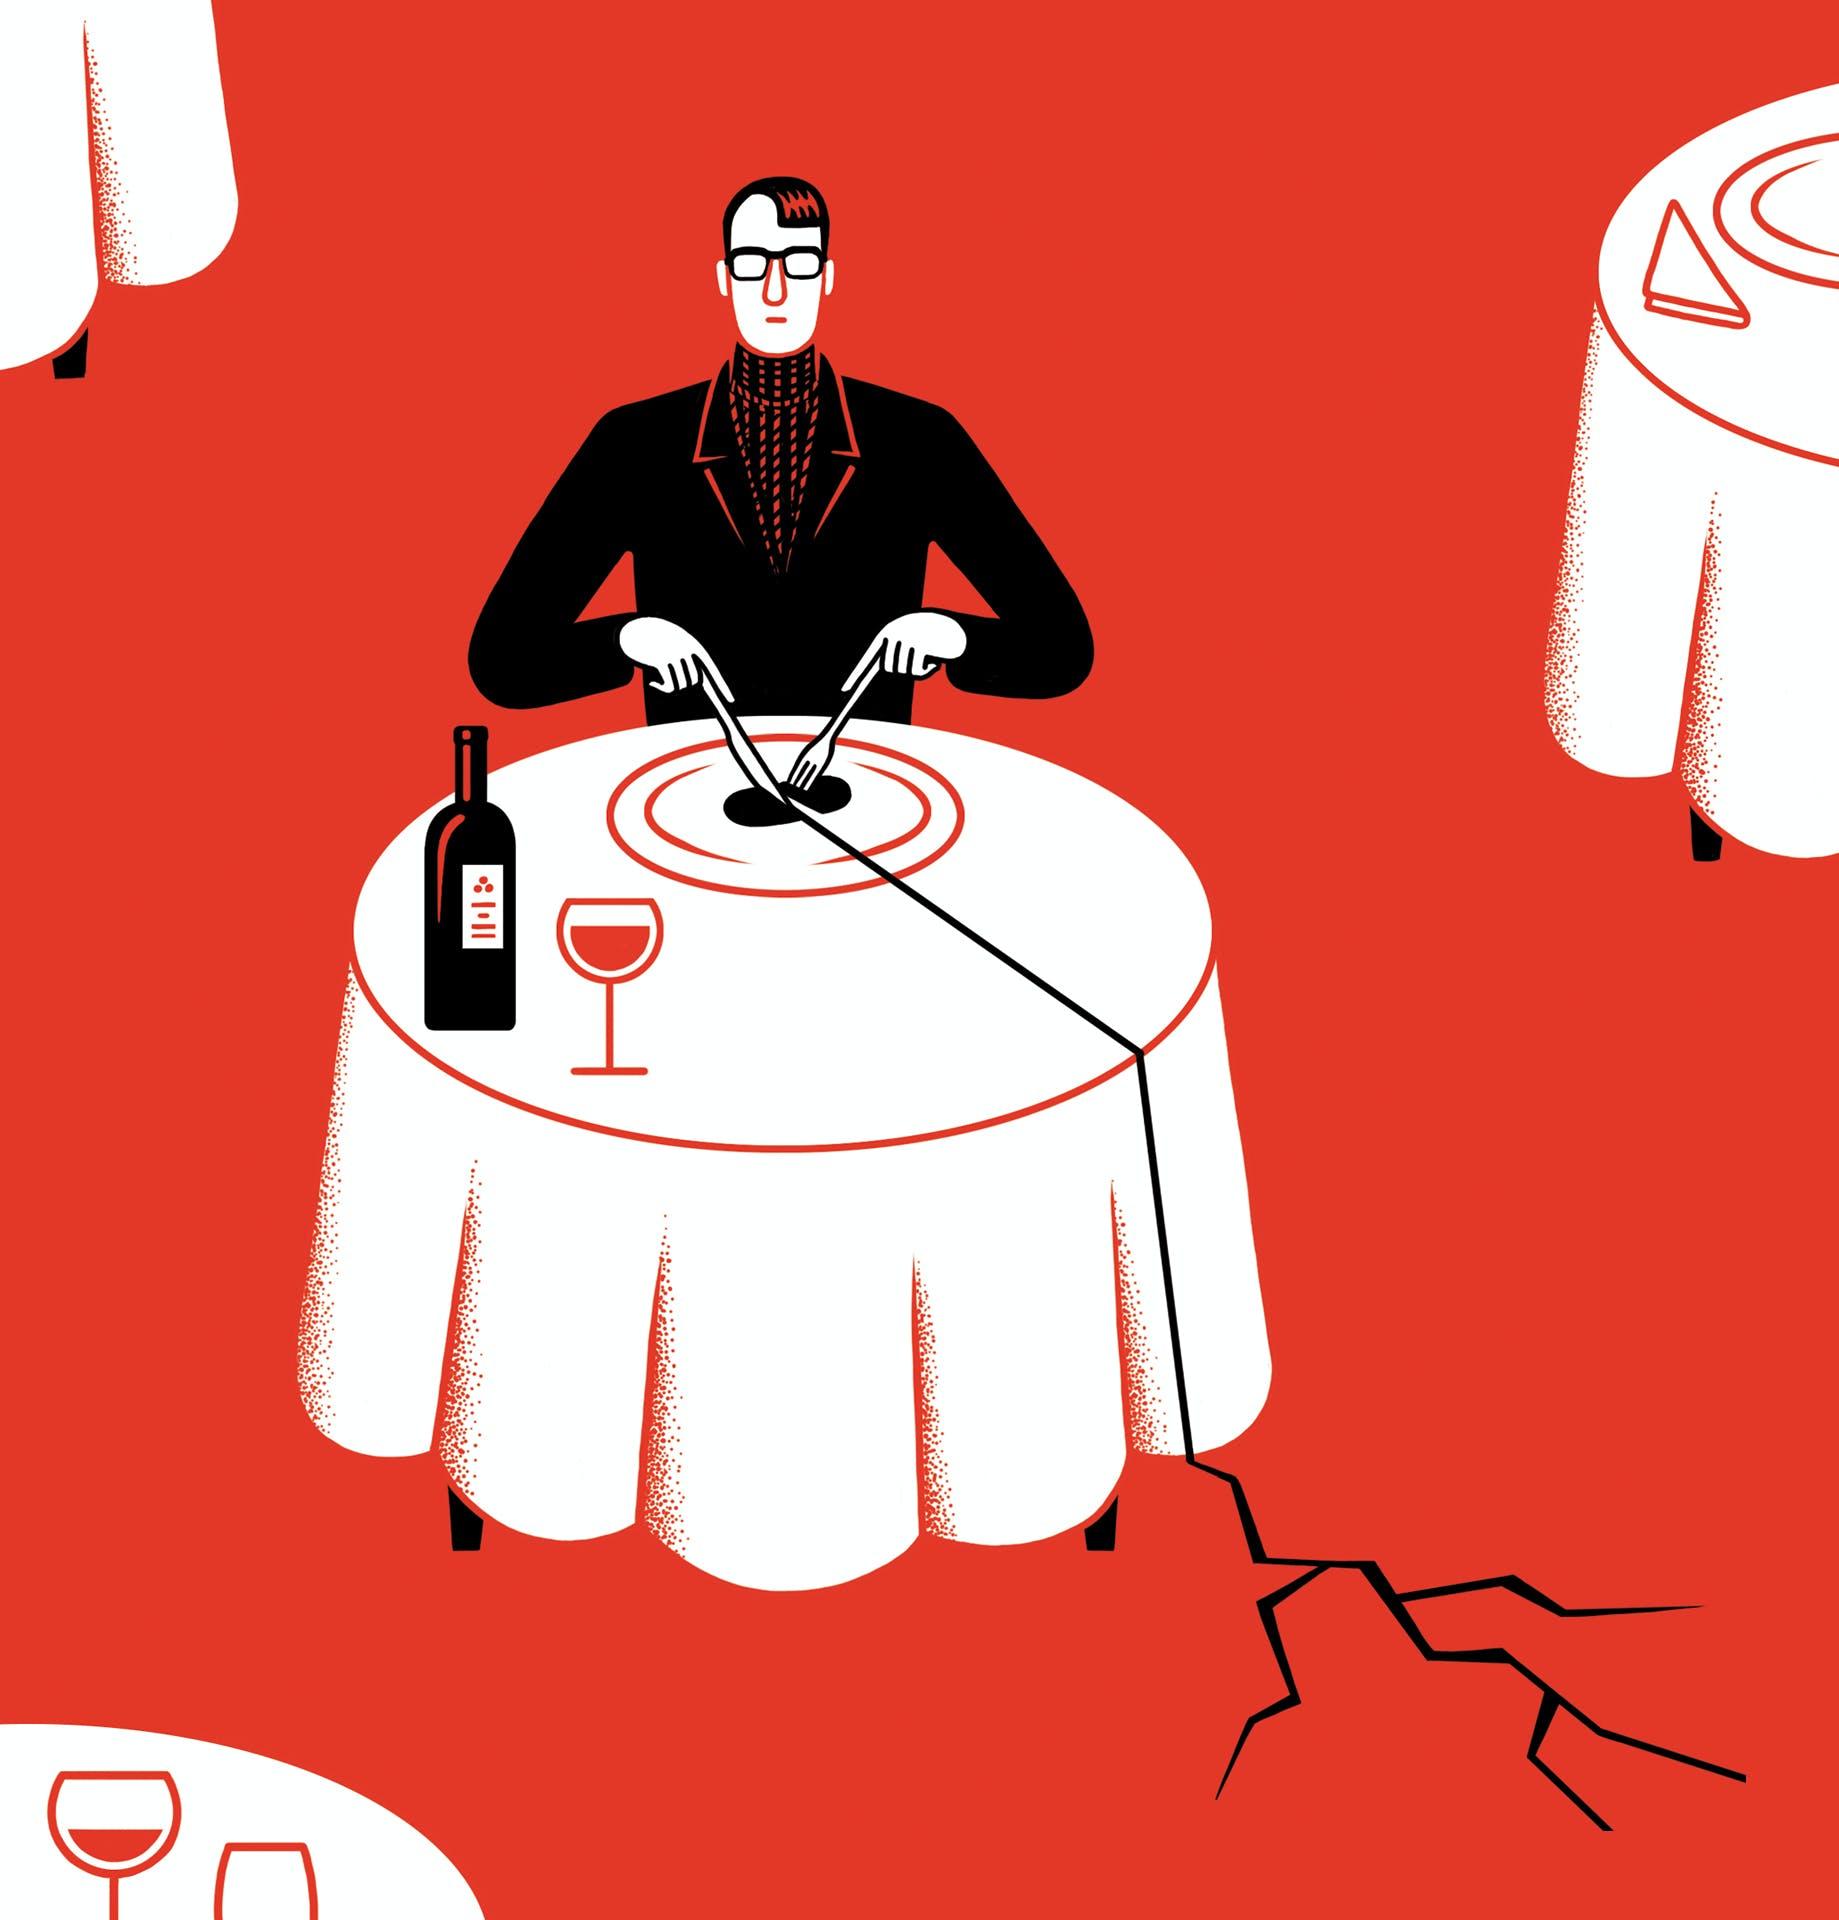 RestaurantCritic v2